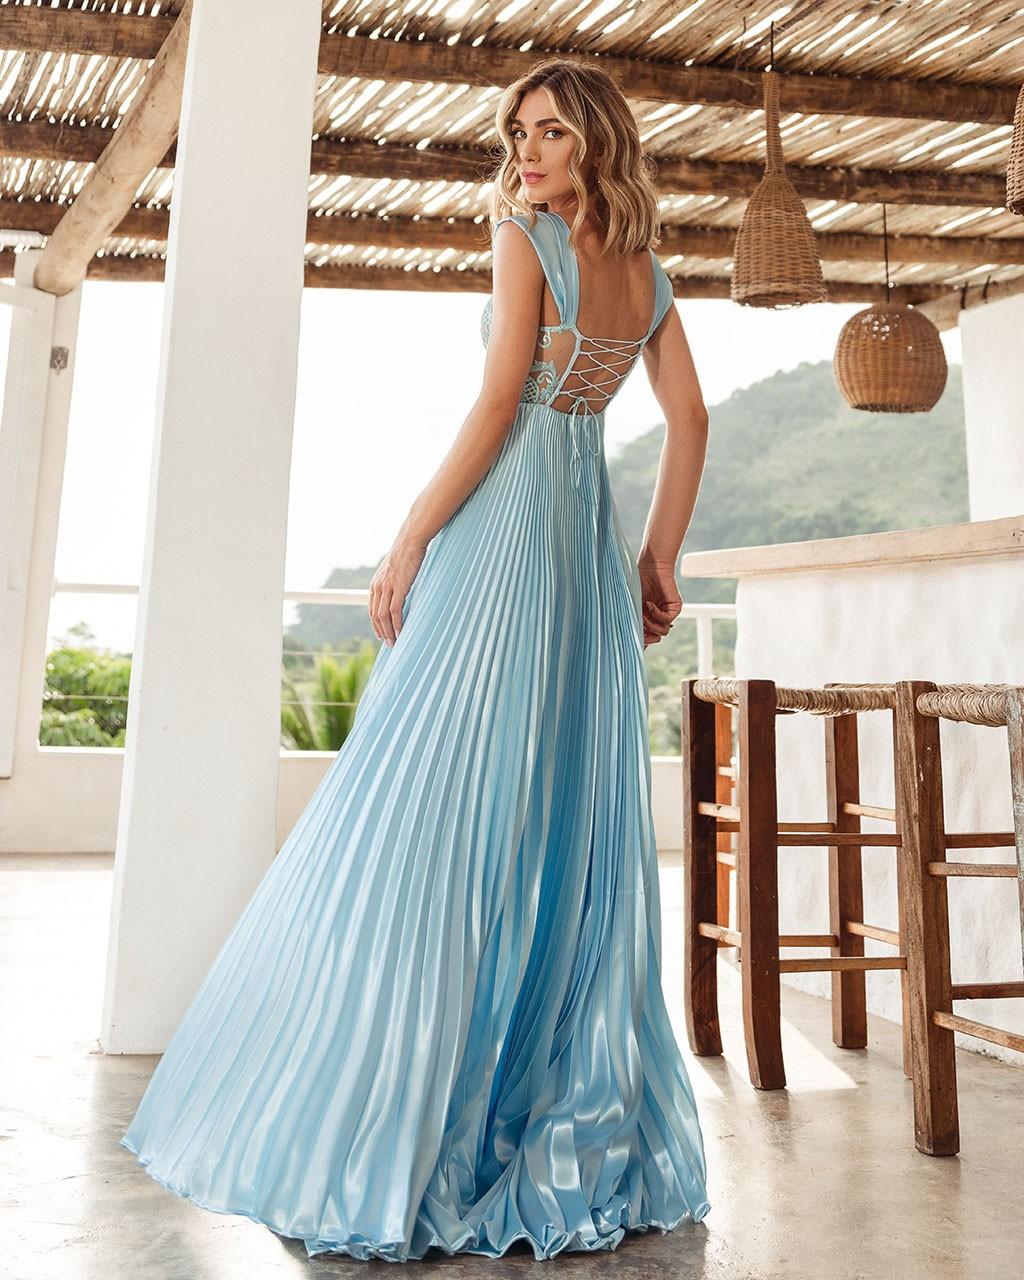 Vestido Jessica  - Empório NM